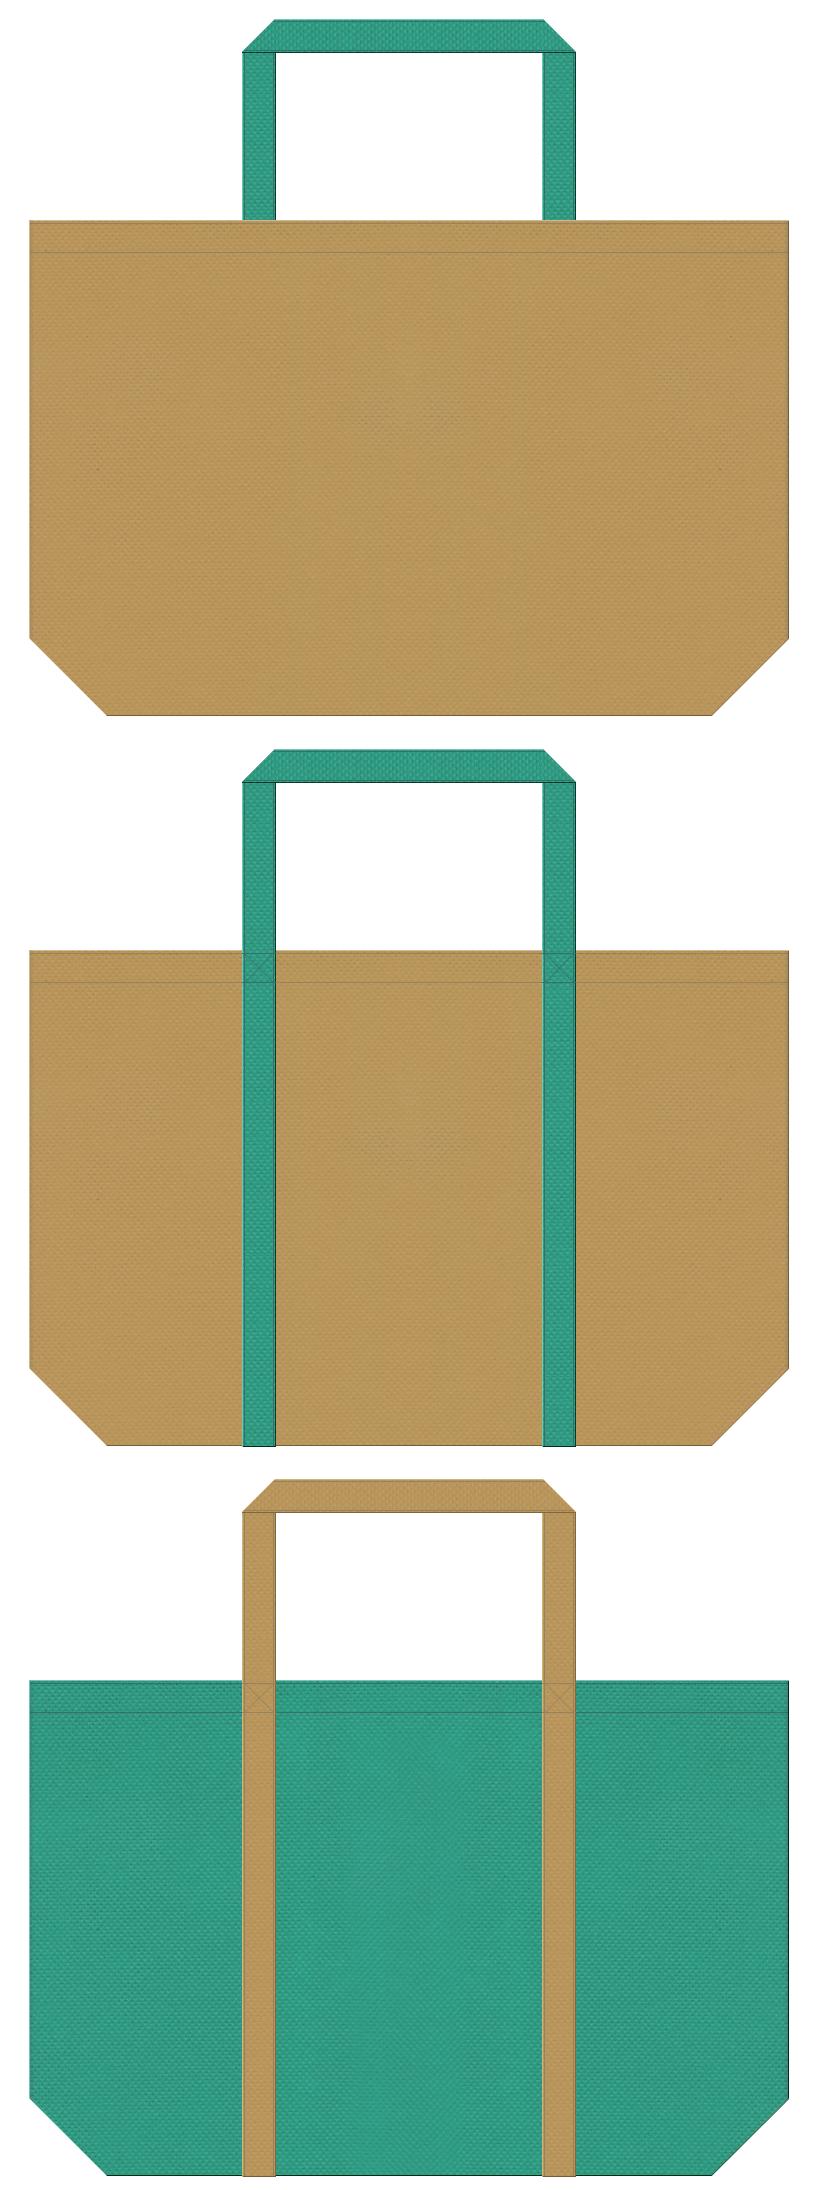 DIY・農業・肥料・種苗・園芸用品のショッピングバッグにお奨めの不織布バッグデザイン:金黄土色と青緑色のコーデ